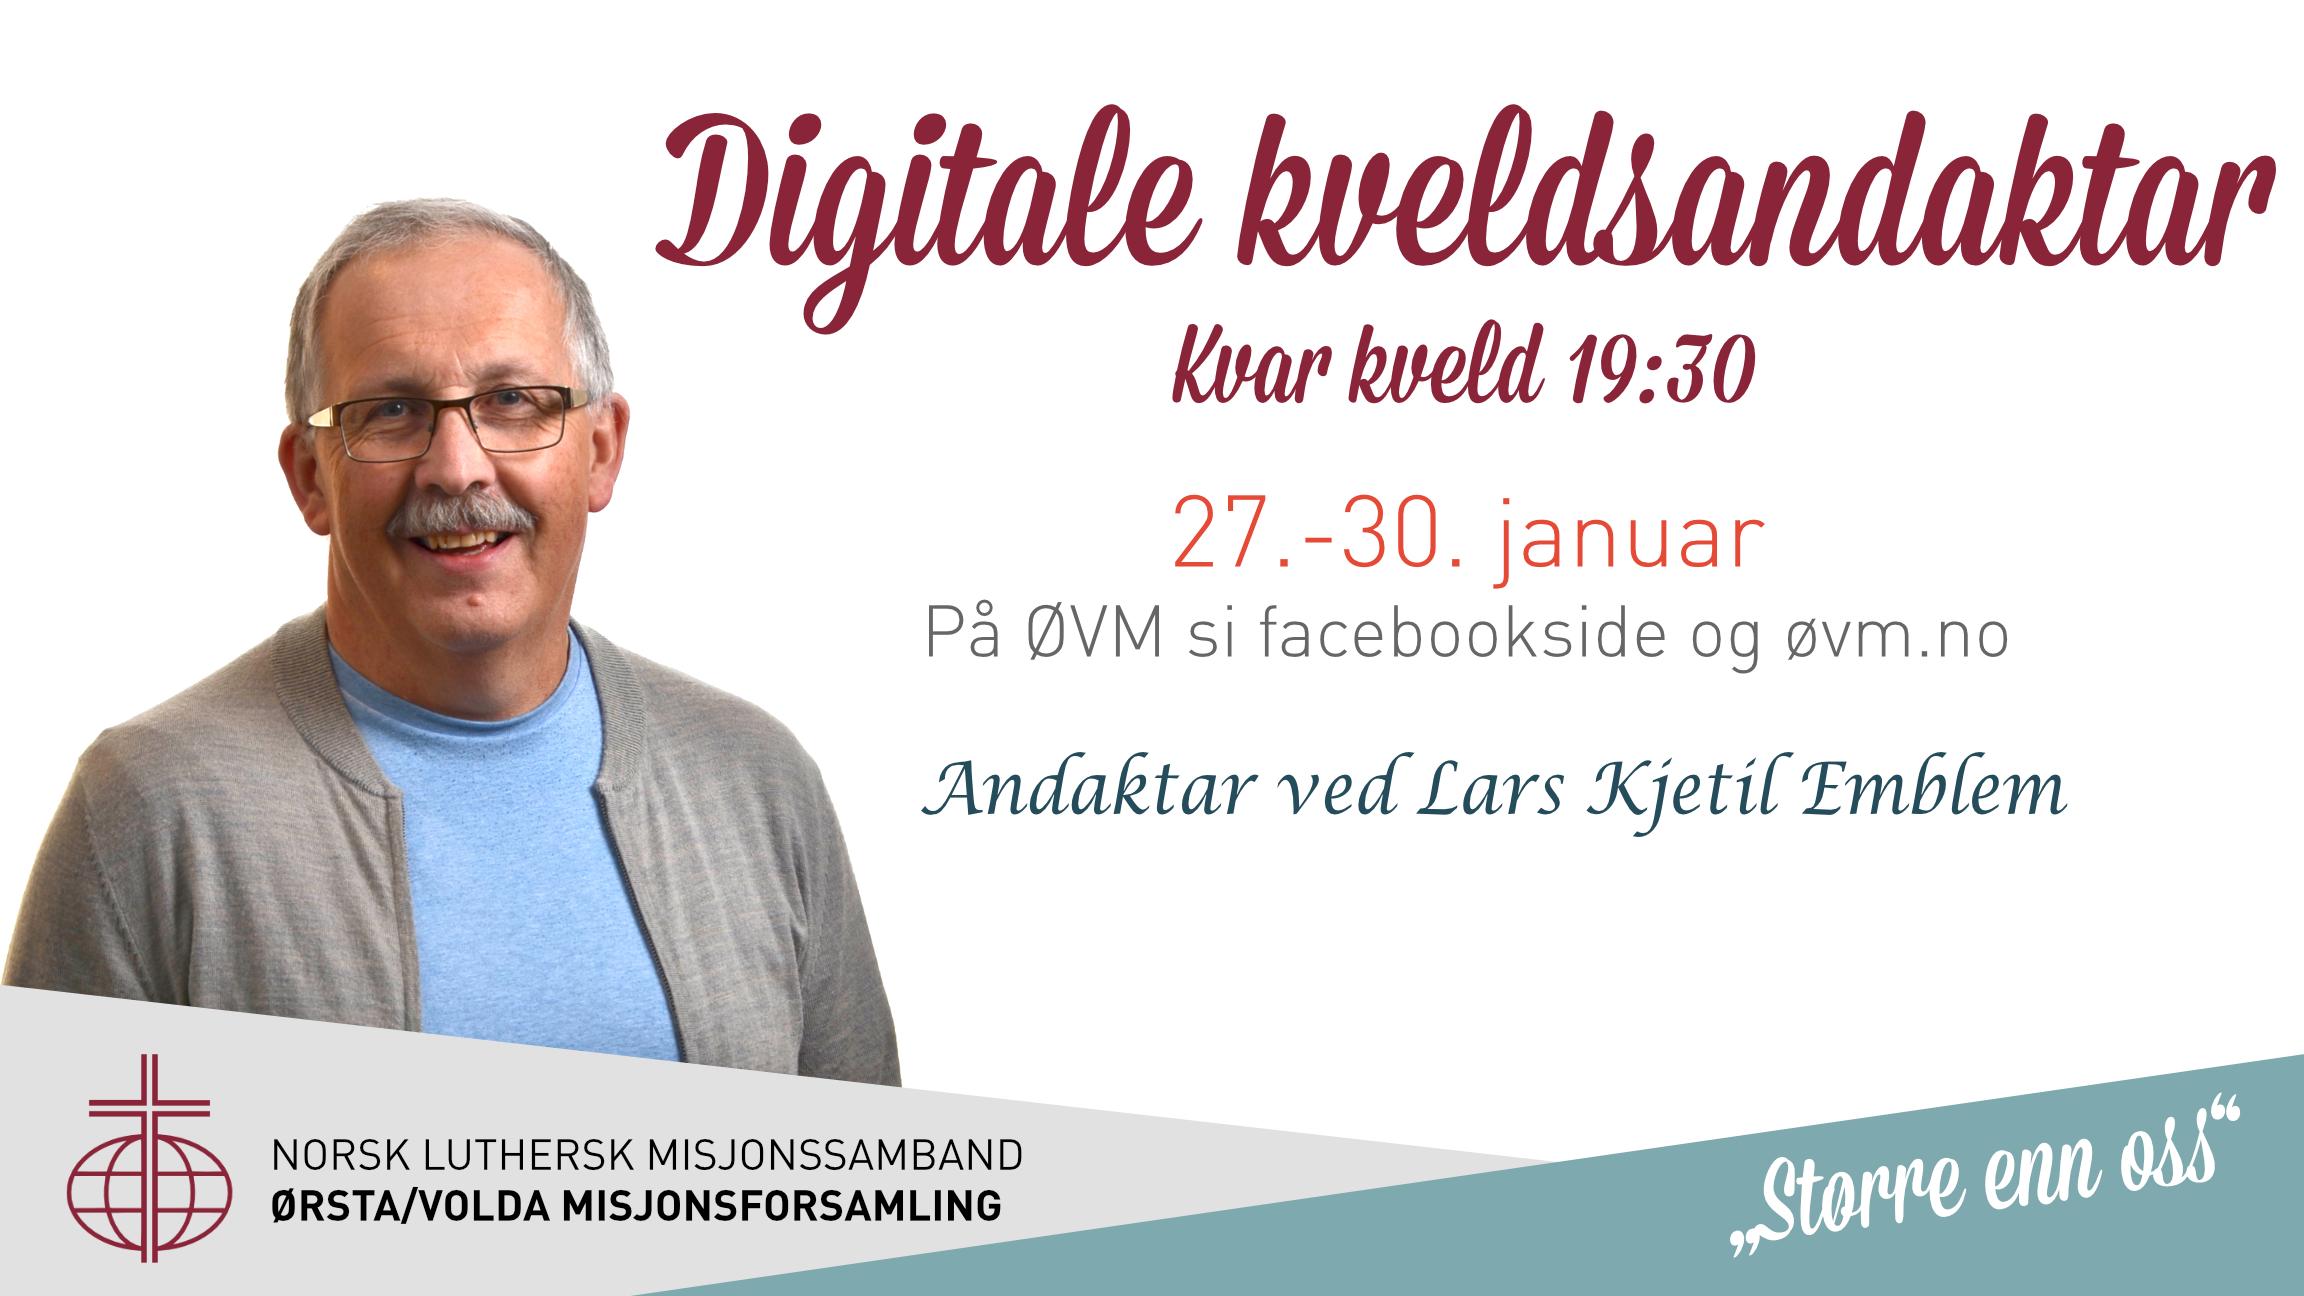 Plakat for kveldsandakt med Lars Kjetil Emblem